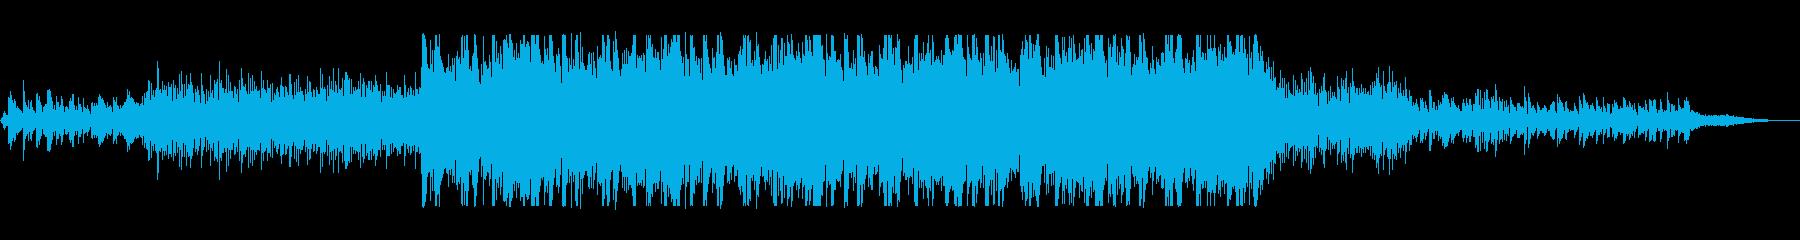 近未来的で不思議なシンセサウンドの再生済みの波形